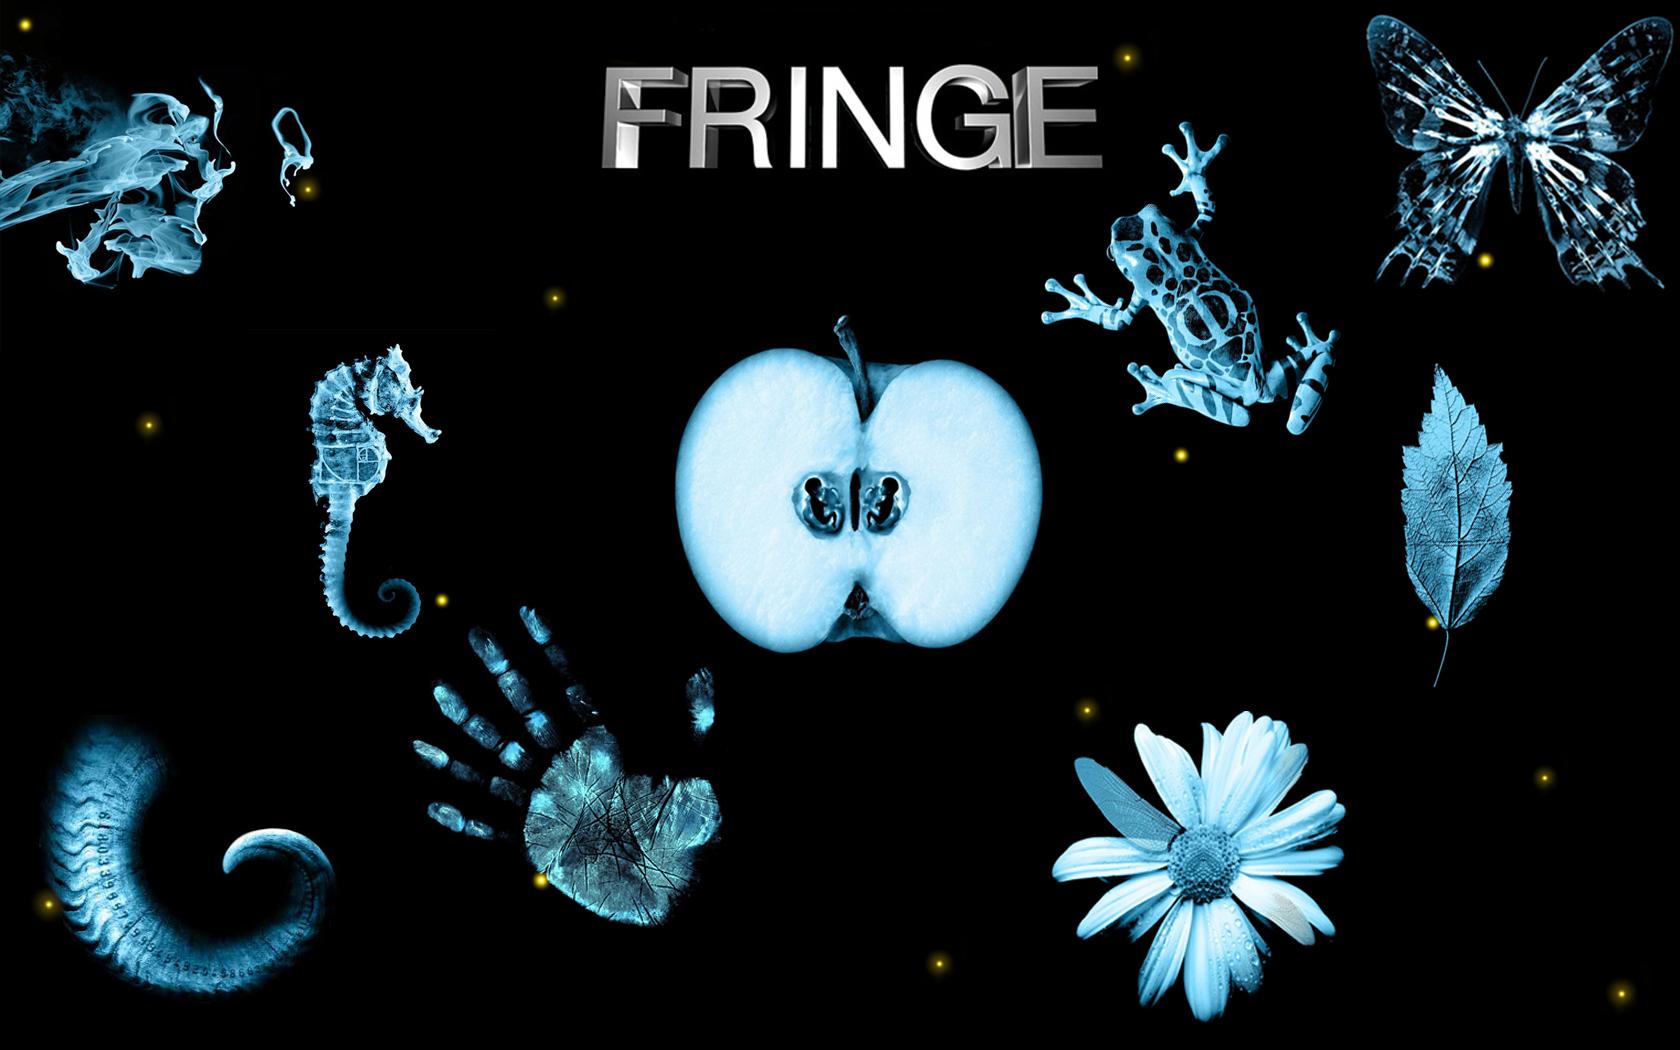 Fringe Glyph Wallpaper Wallpapersafari